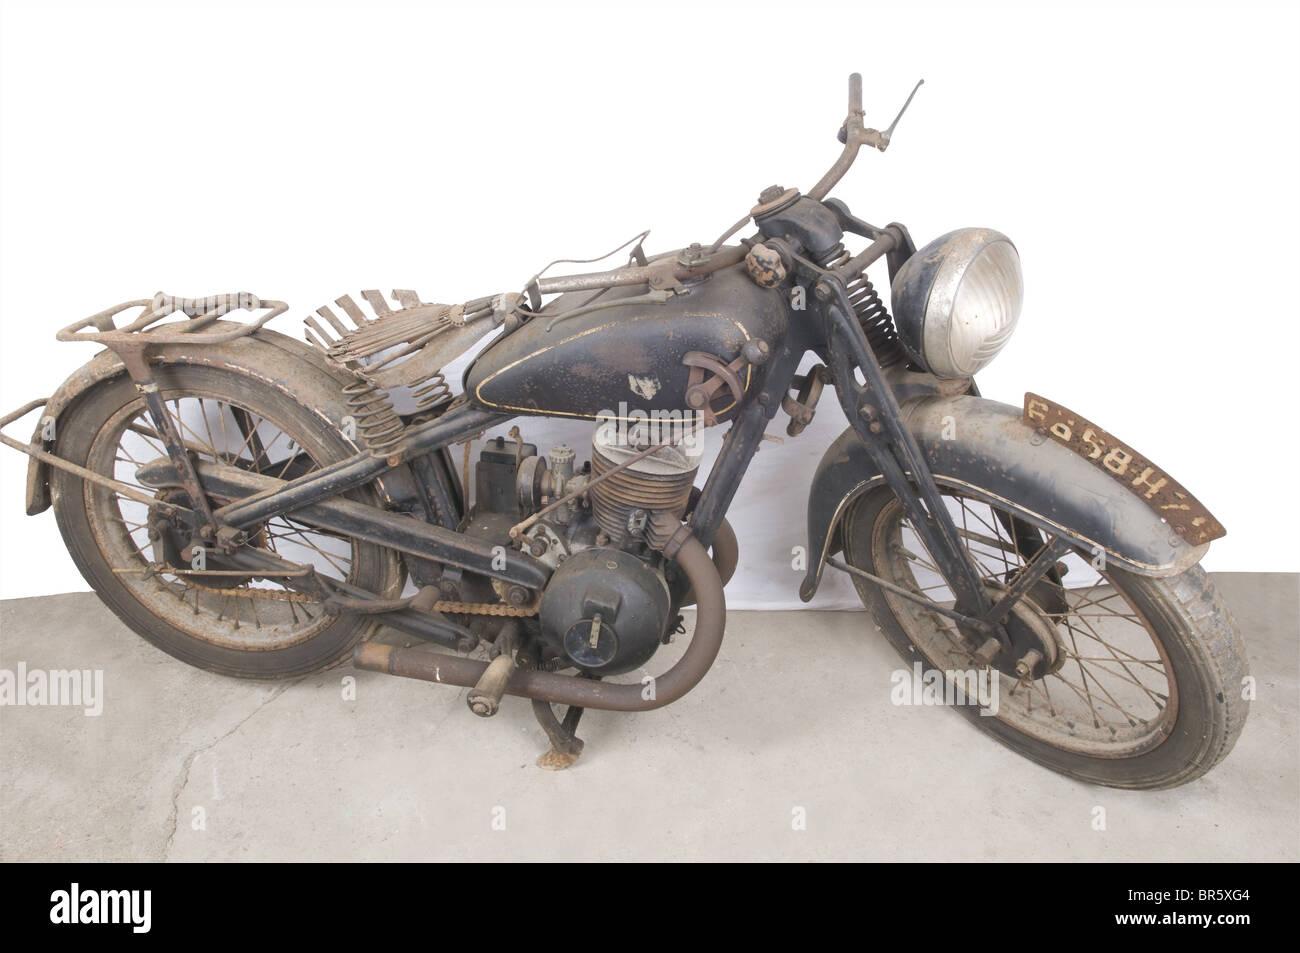 Eine DKW 350 SB Motorrad., 8399 Fahrräder von dieser Art nach 1934 produziert wurden. Dieser stammt aus dem Stockbild